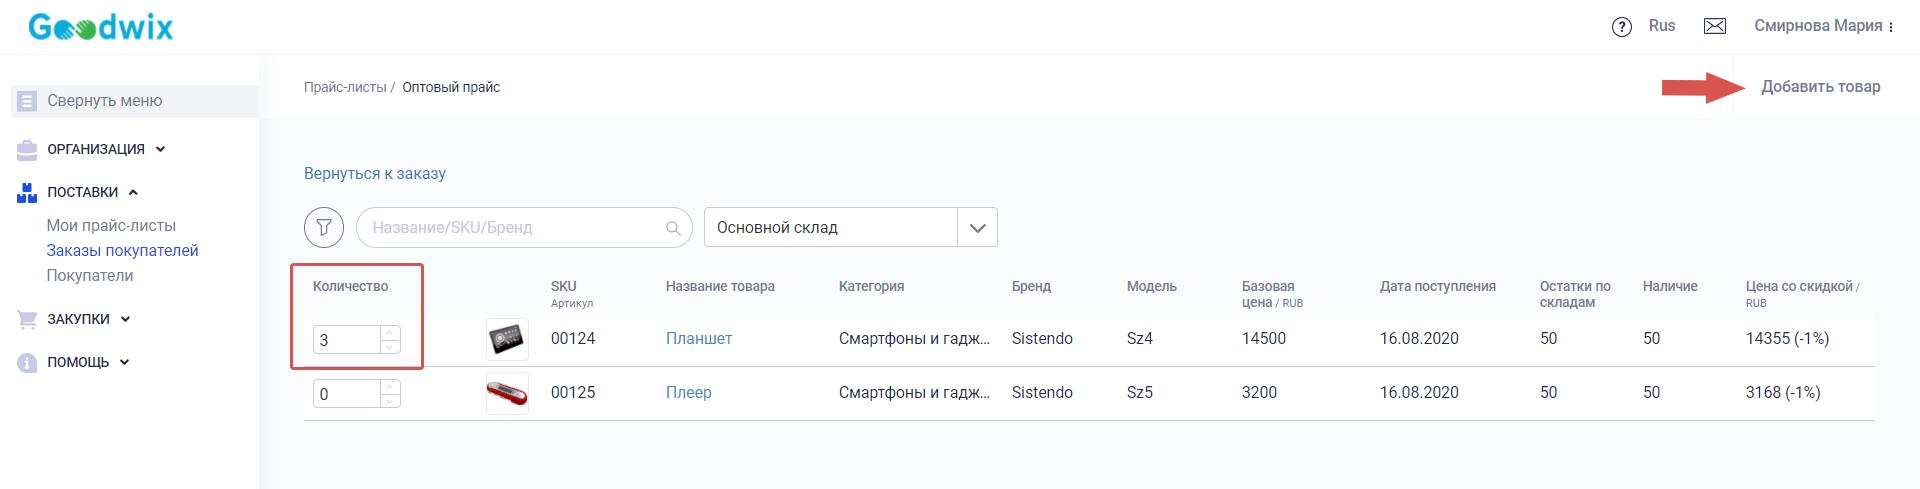 Количество товаров для добавления в заказ_Руководство по работе с заказами